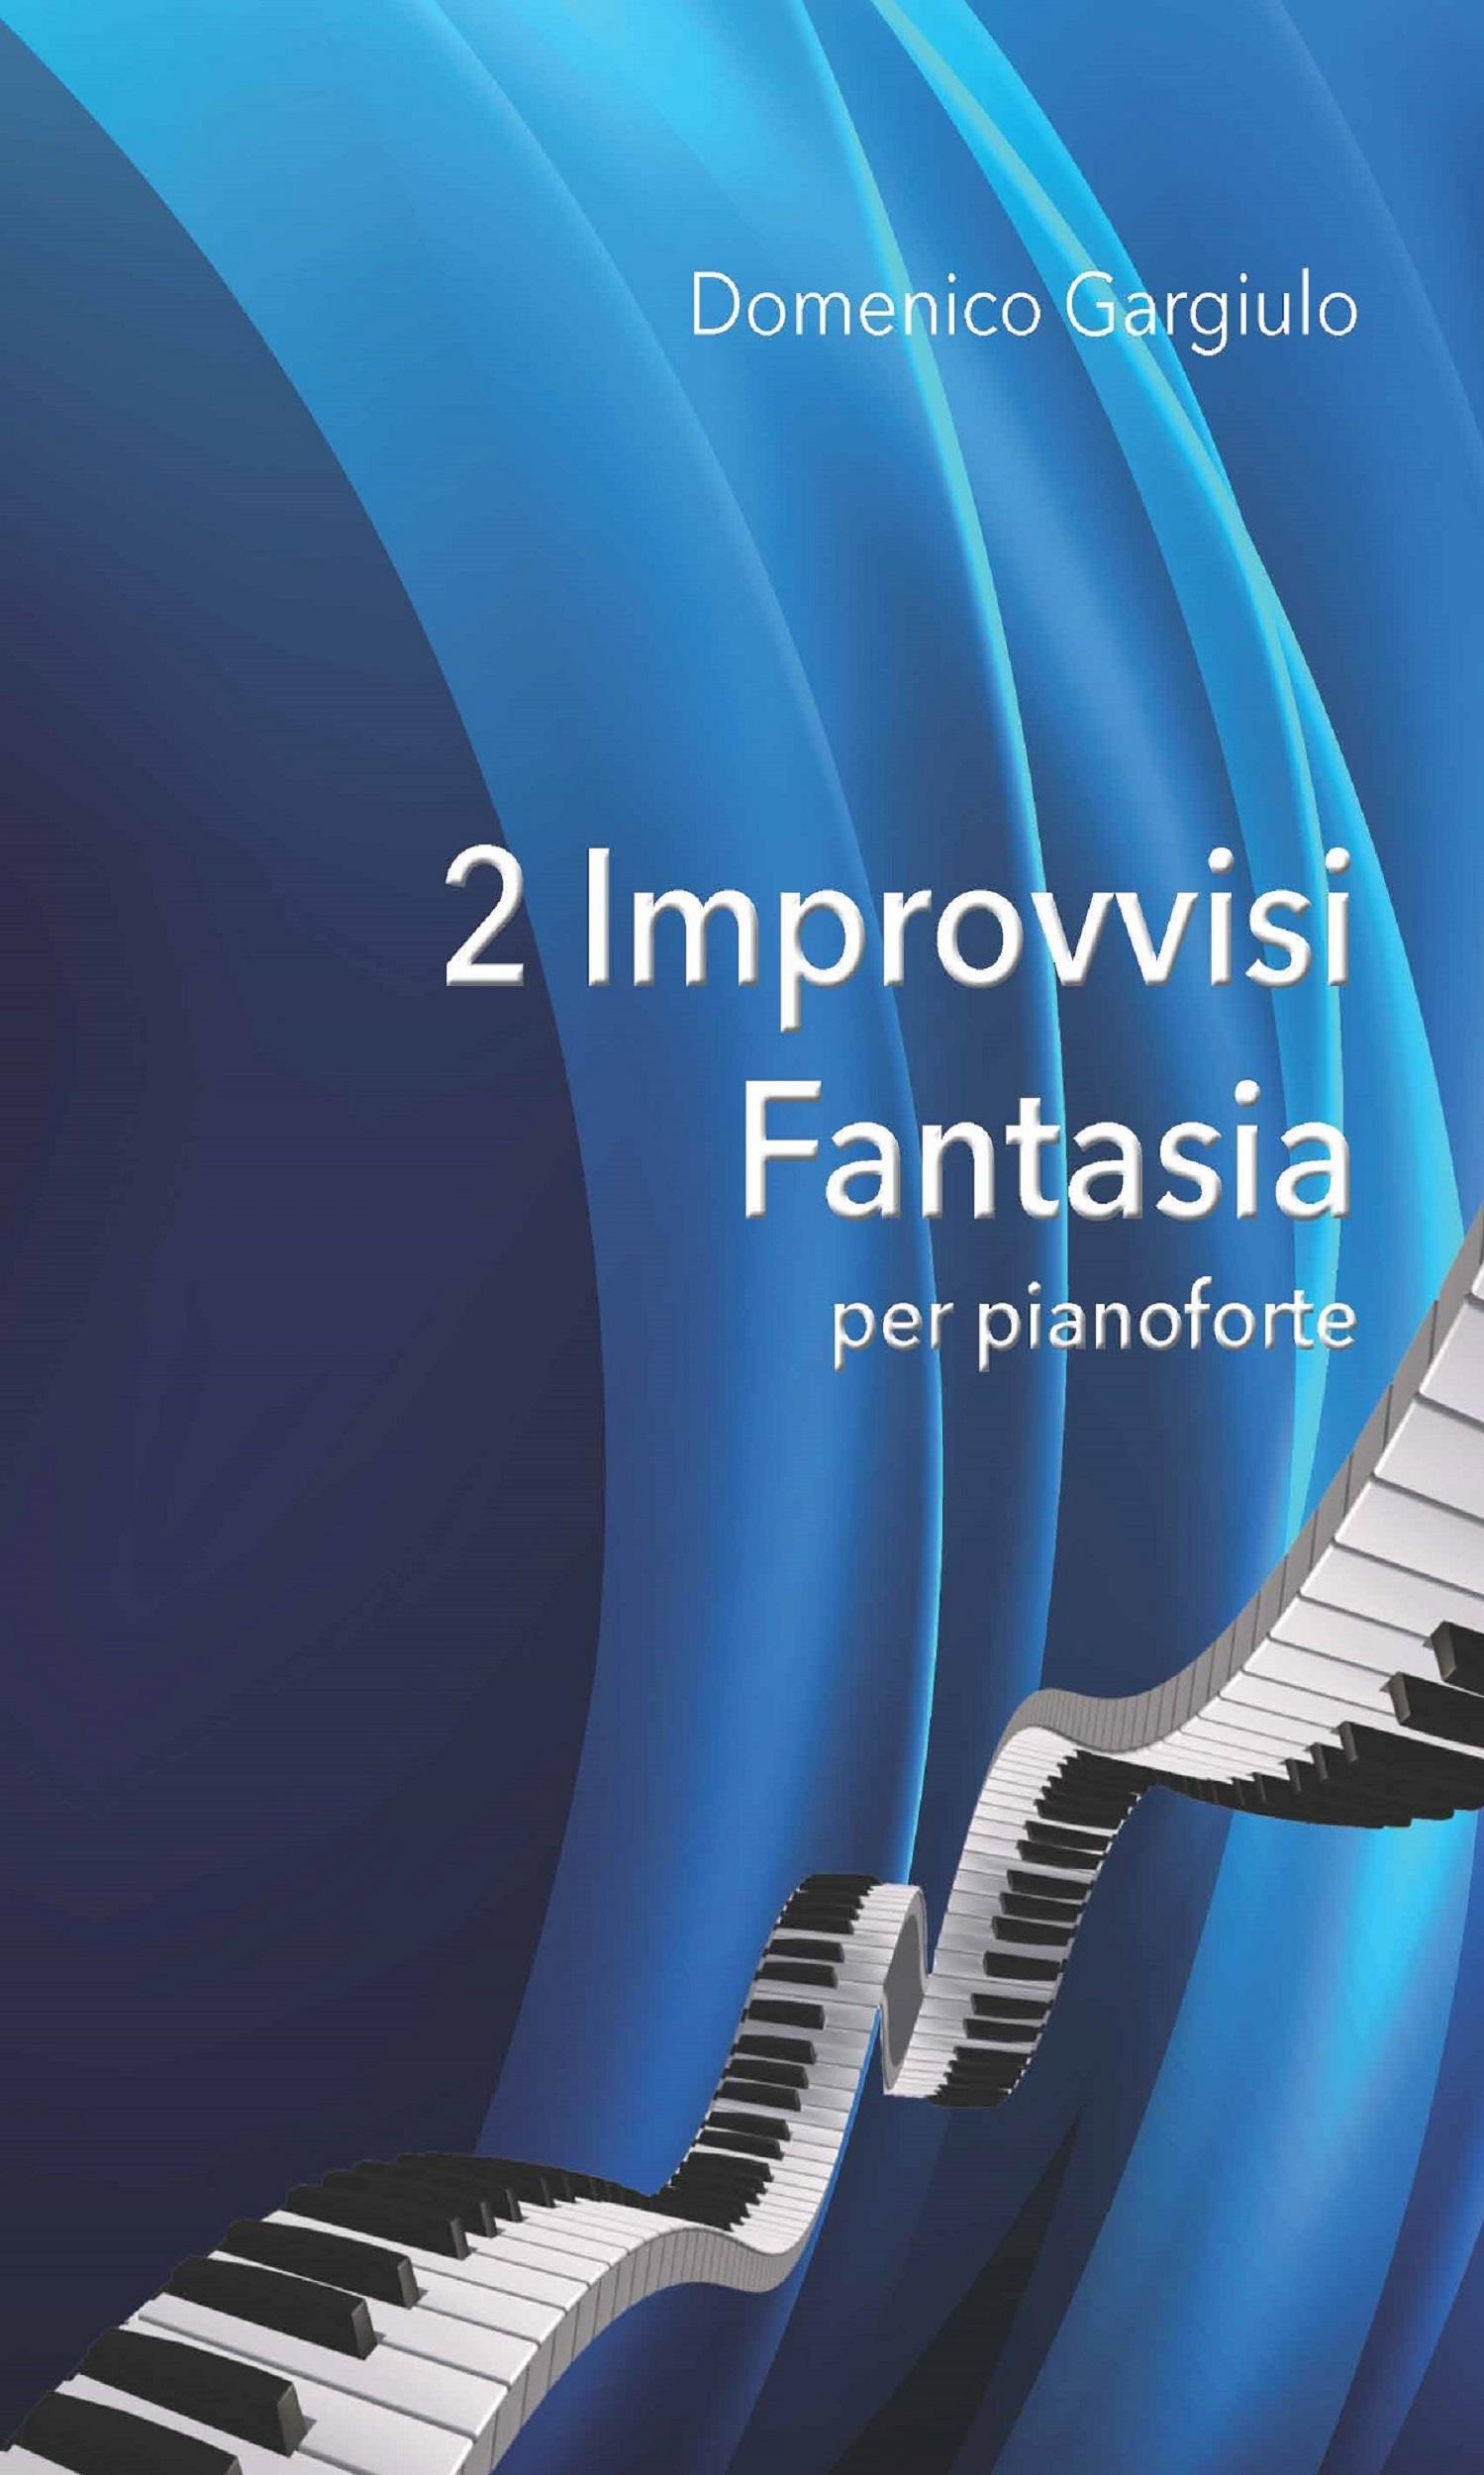 2 Improvvisi Fantasia per pianoforte